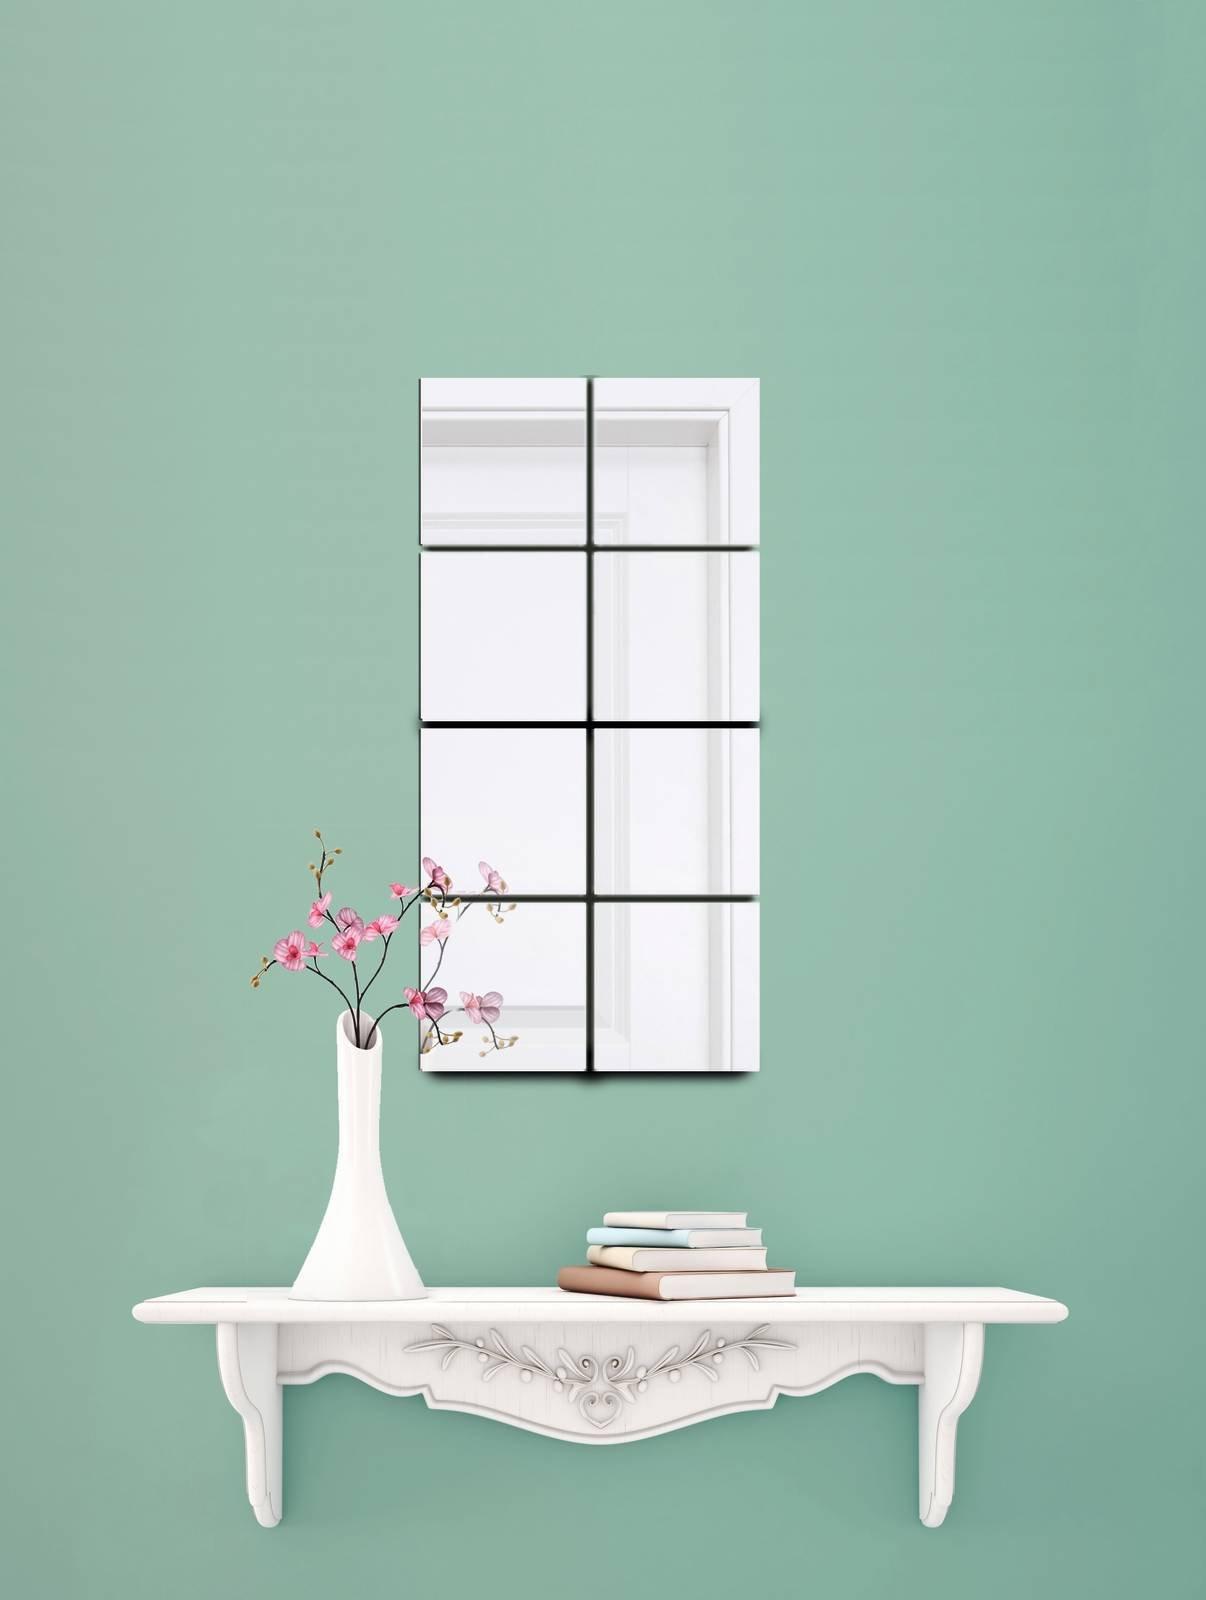 Adesivi c per parete o pavimento 14 soluzioni per un for Ikea specchi adesivi